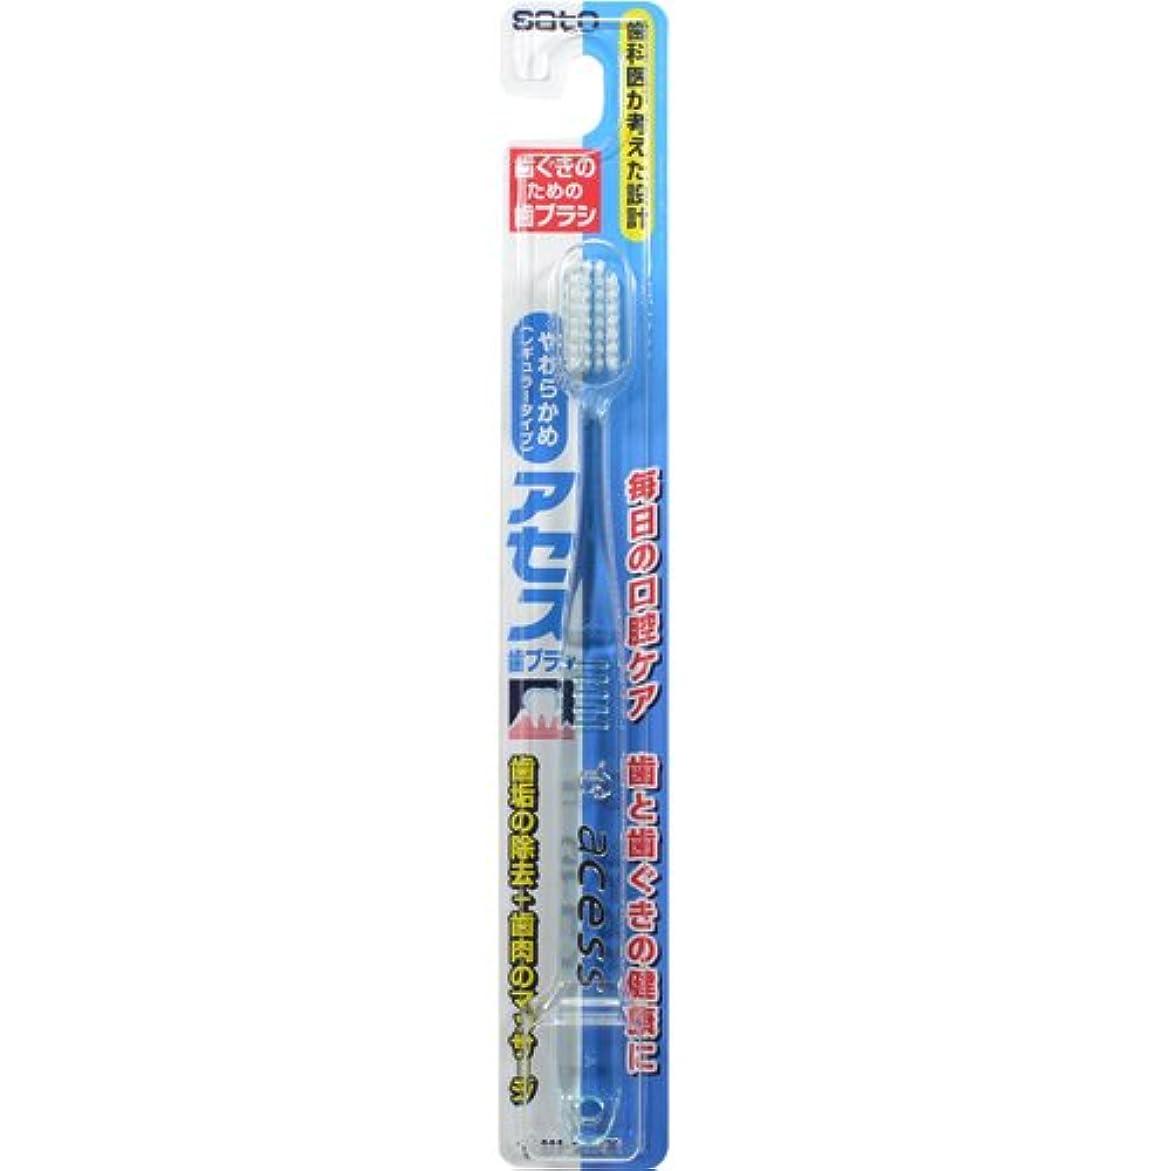 改修フェロー諸島アスレチック佐藤製薬 アセス歯ブラシ やわらかめレギュラータイプ 1本